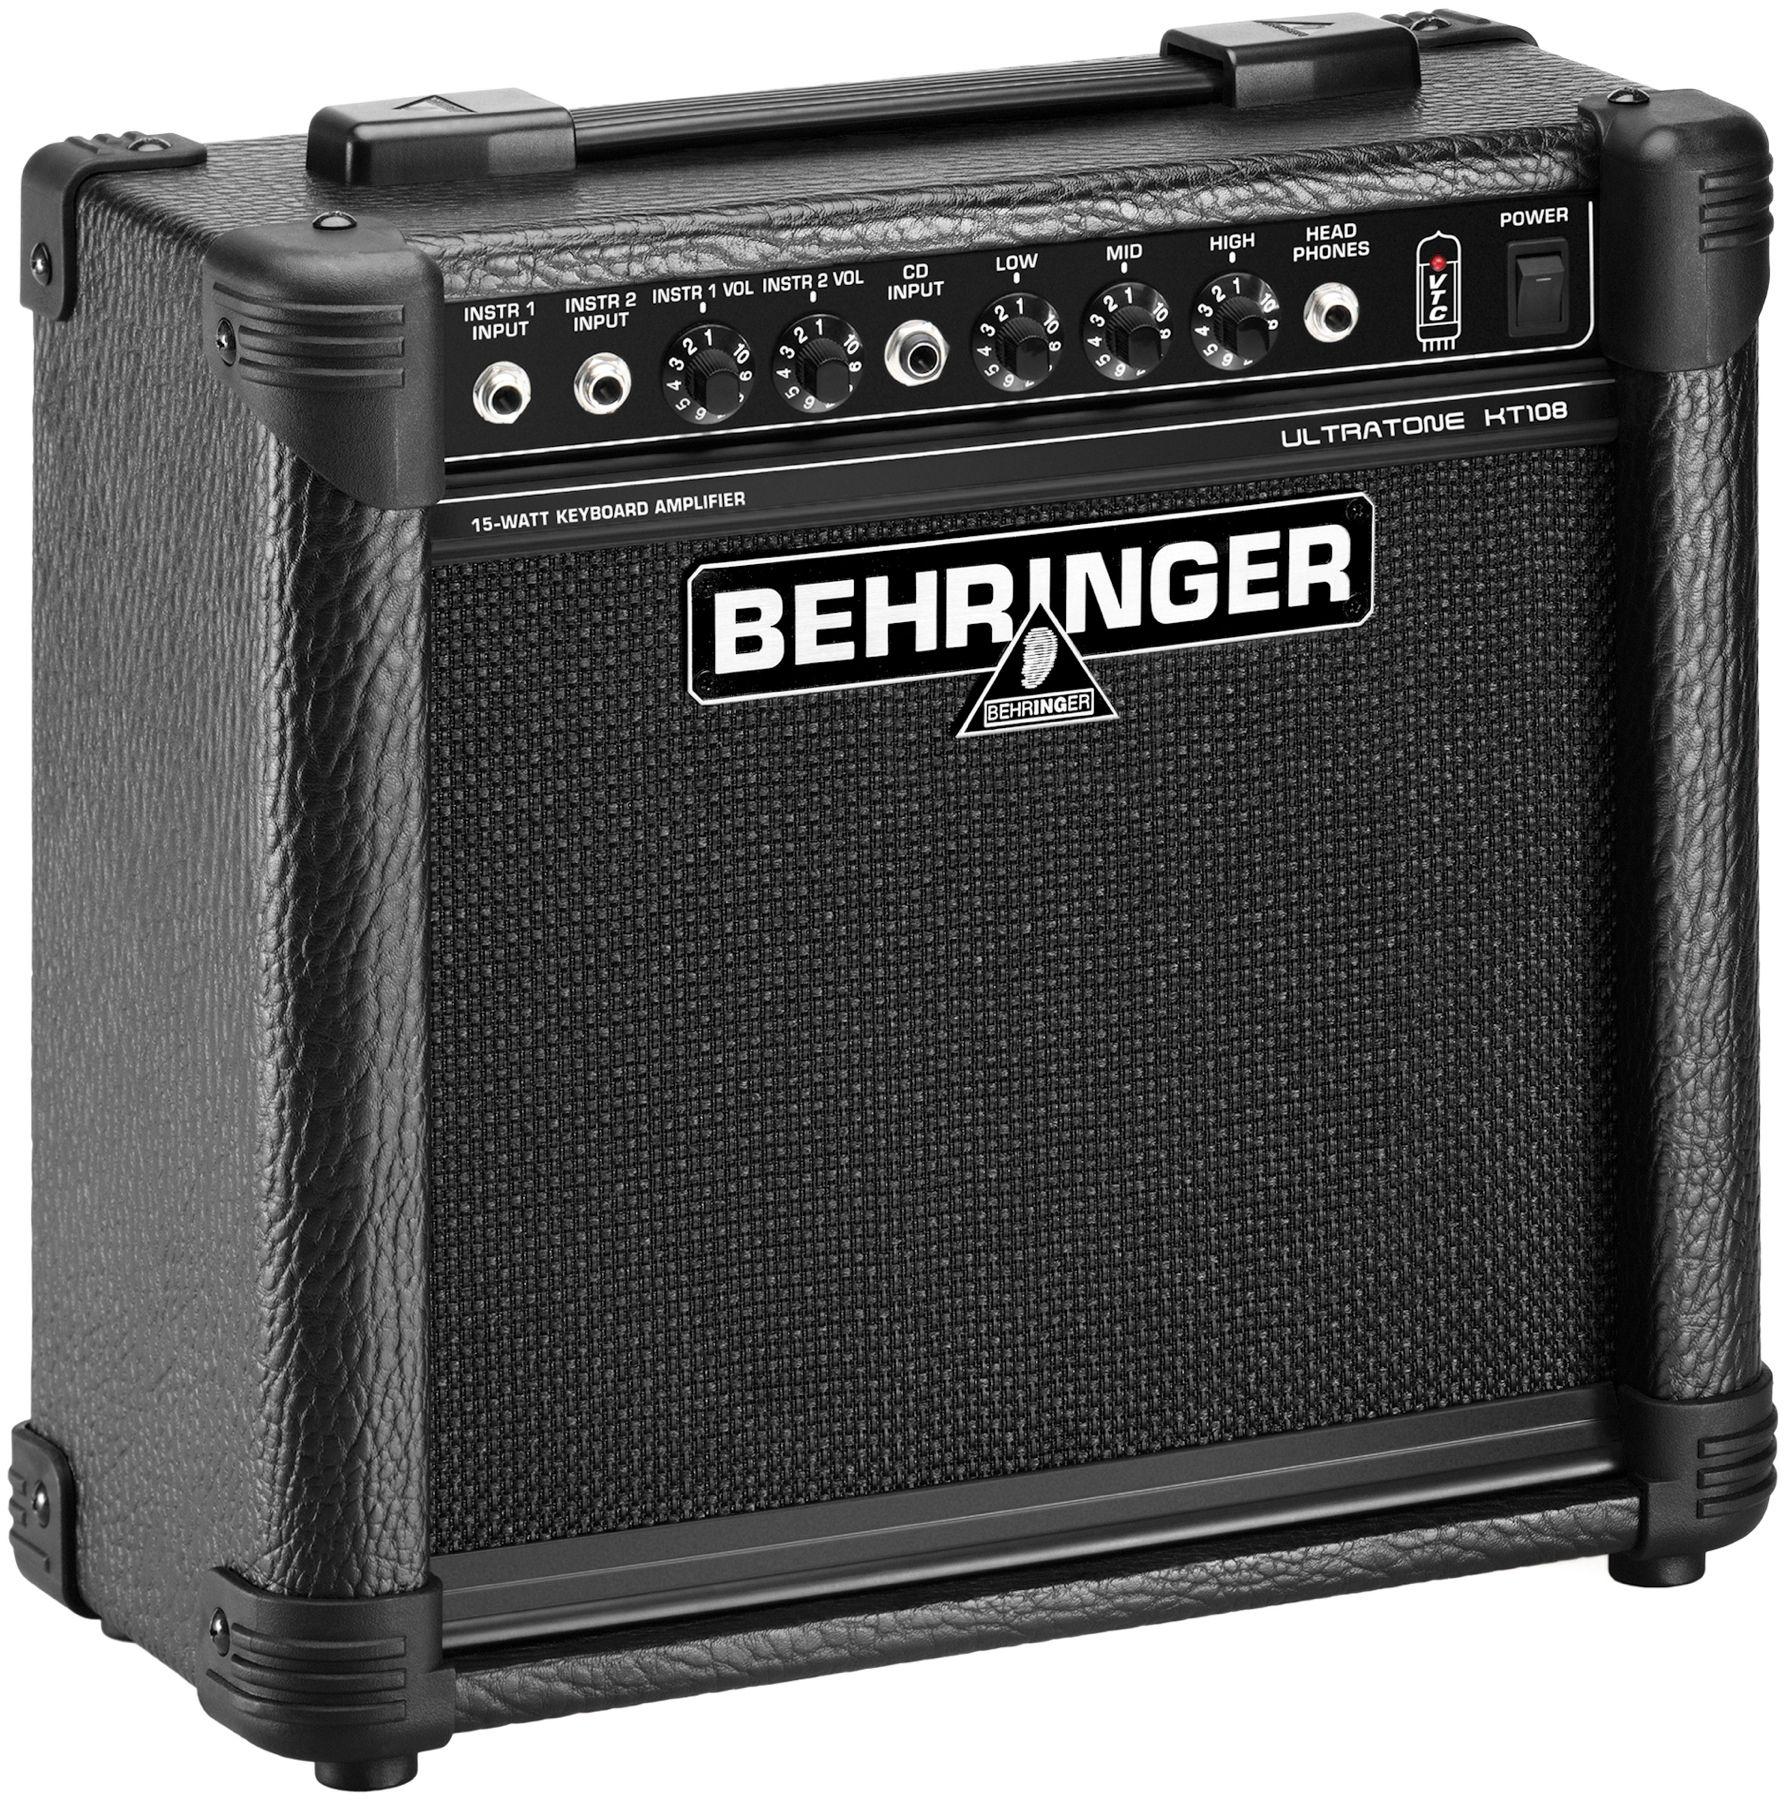 Behringer Ultratone Kt108 15w 8 Keyboard Amp